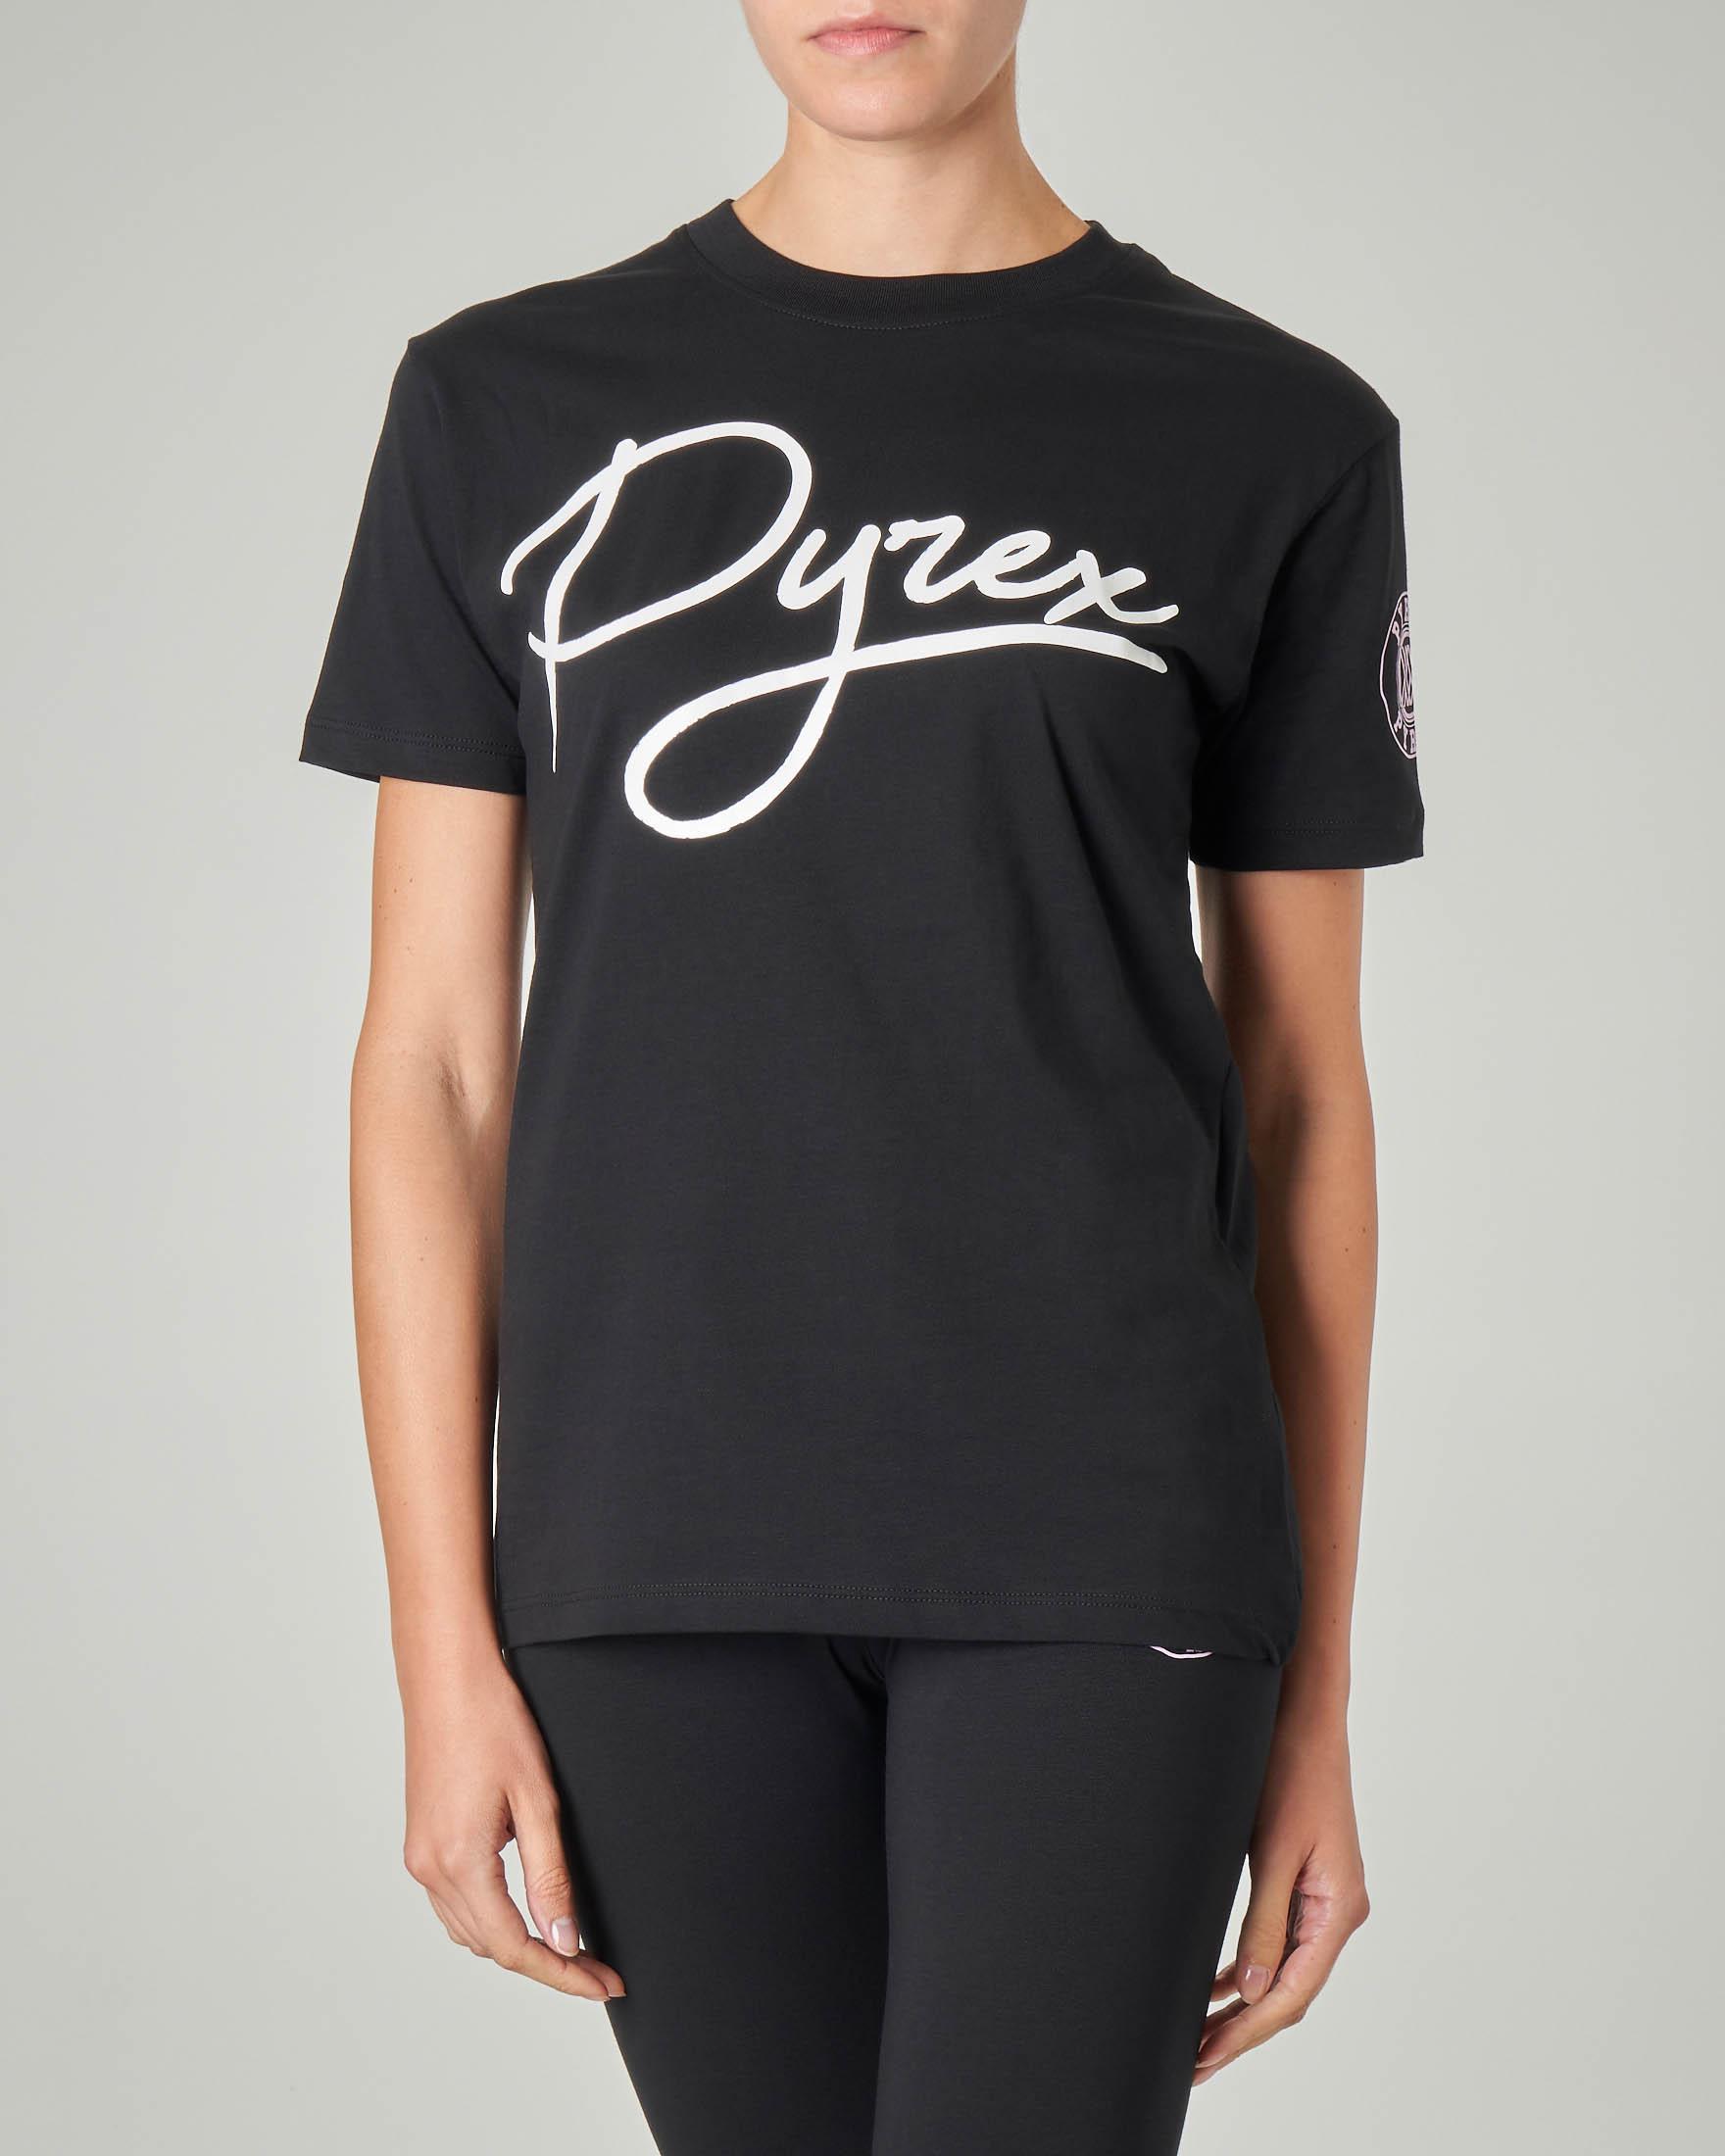 T-shirt nera in cotone con logo bianco